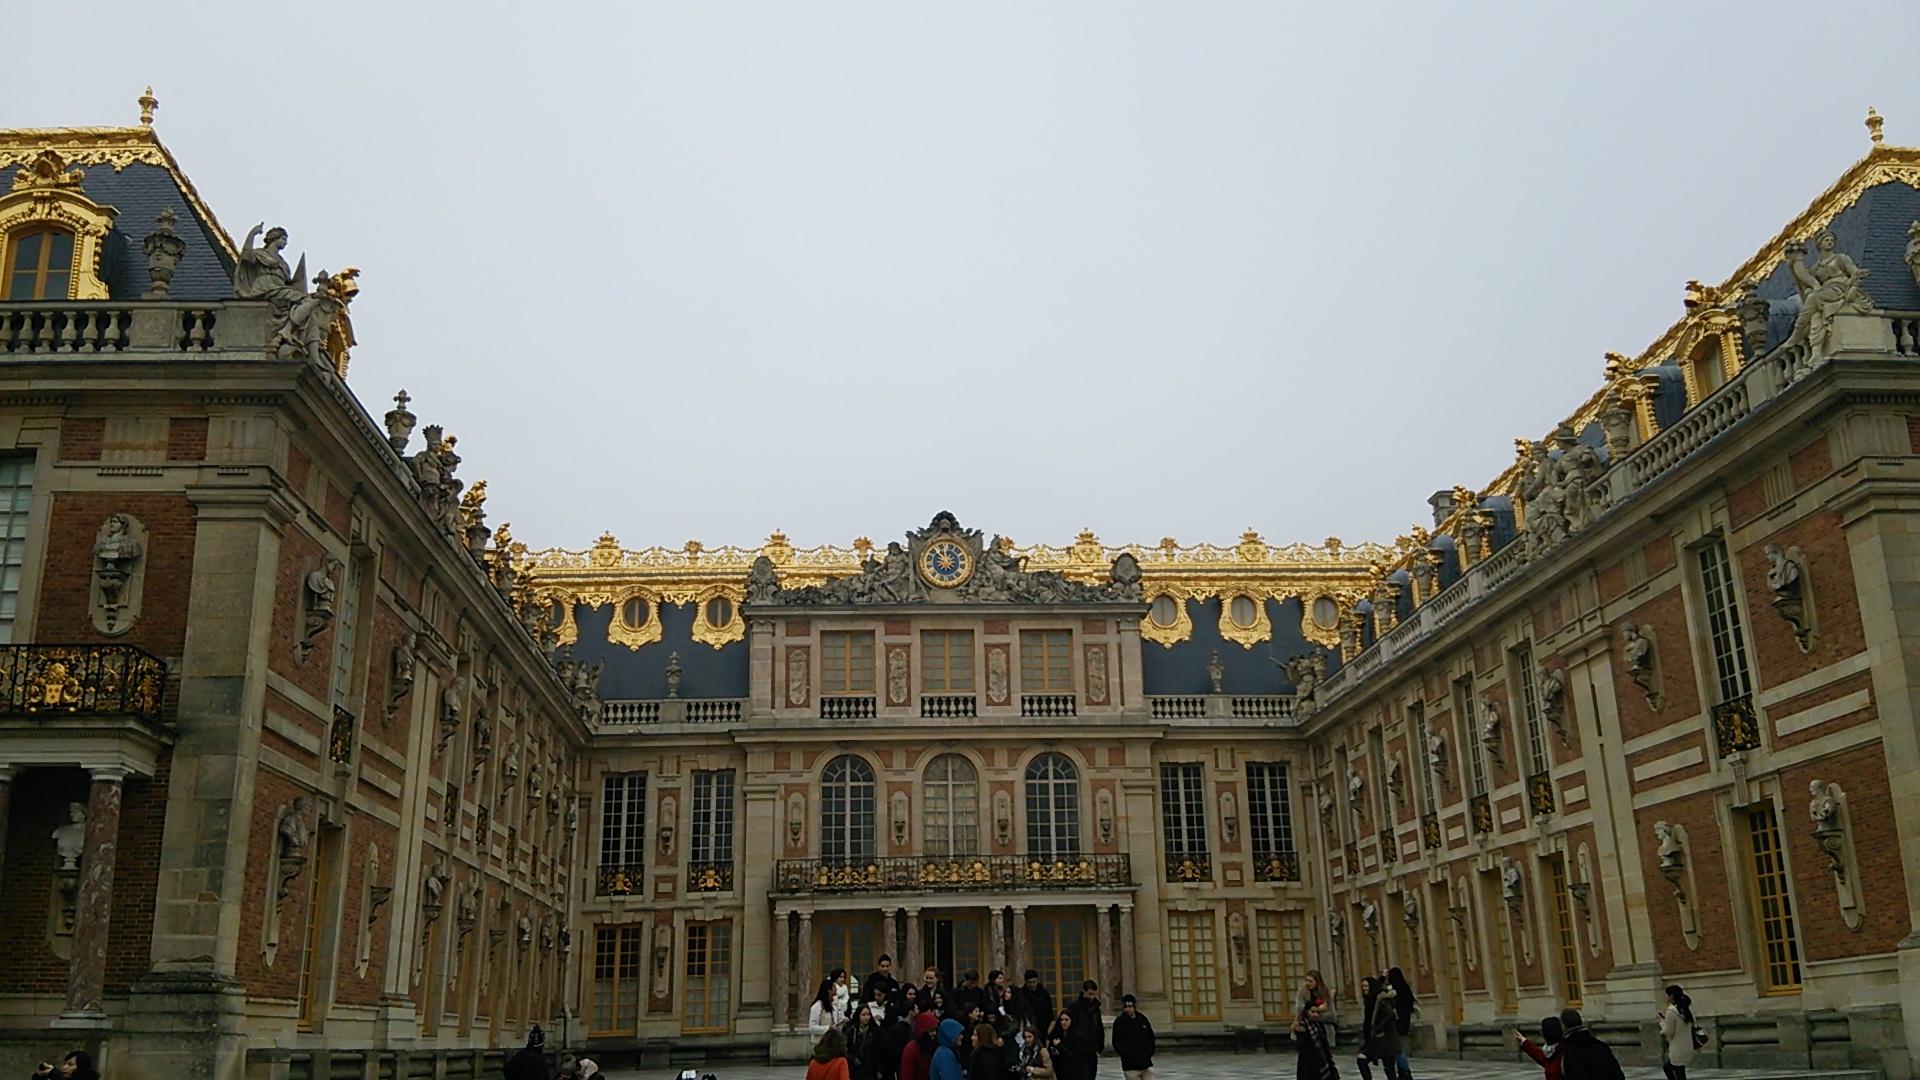 ヴェルサイユ宮殿でパリの中世を感じる